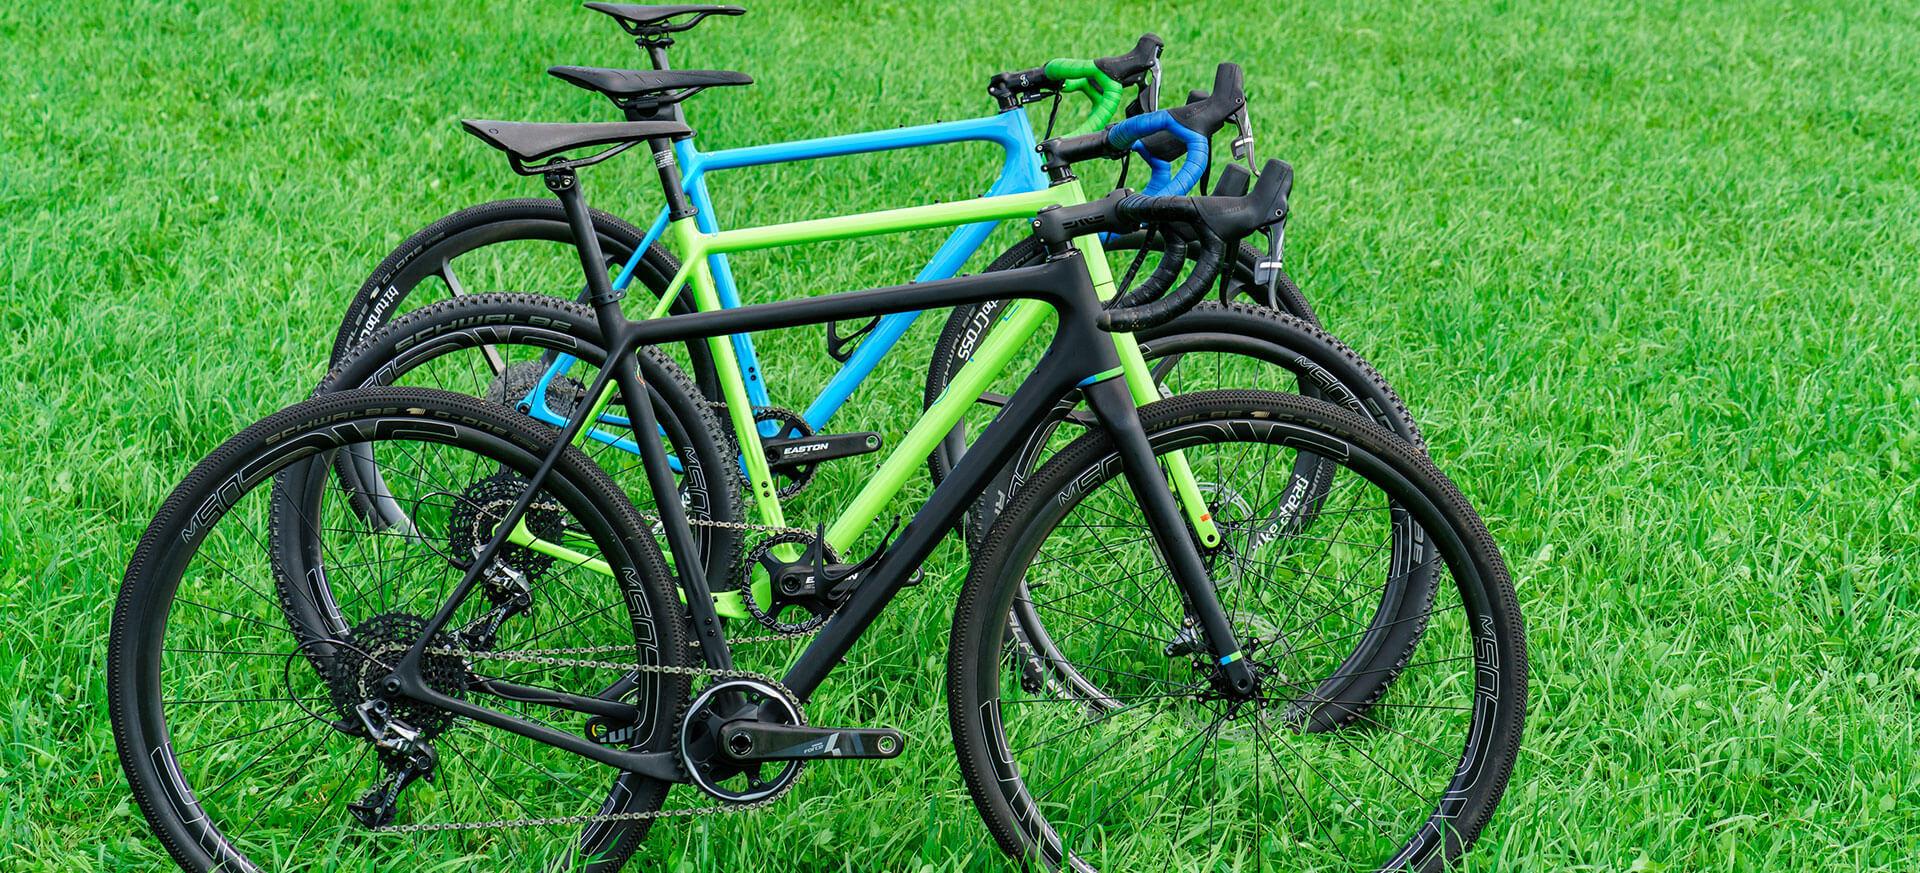 OPEN gravel kerékpár sorozat